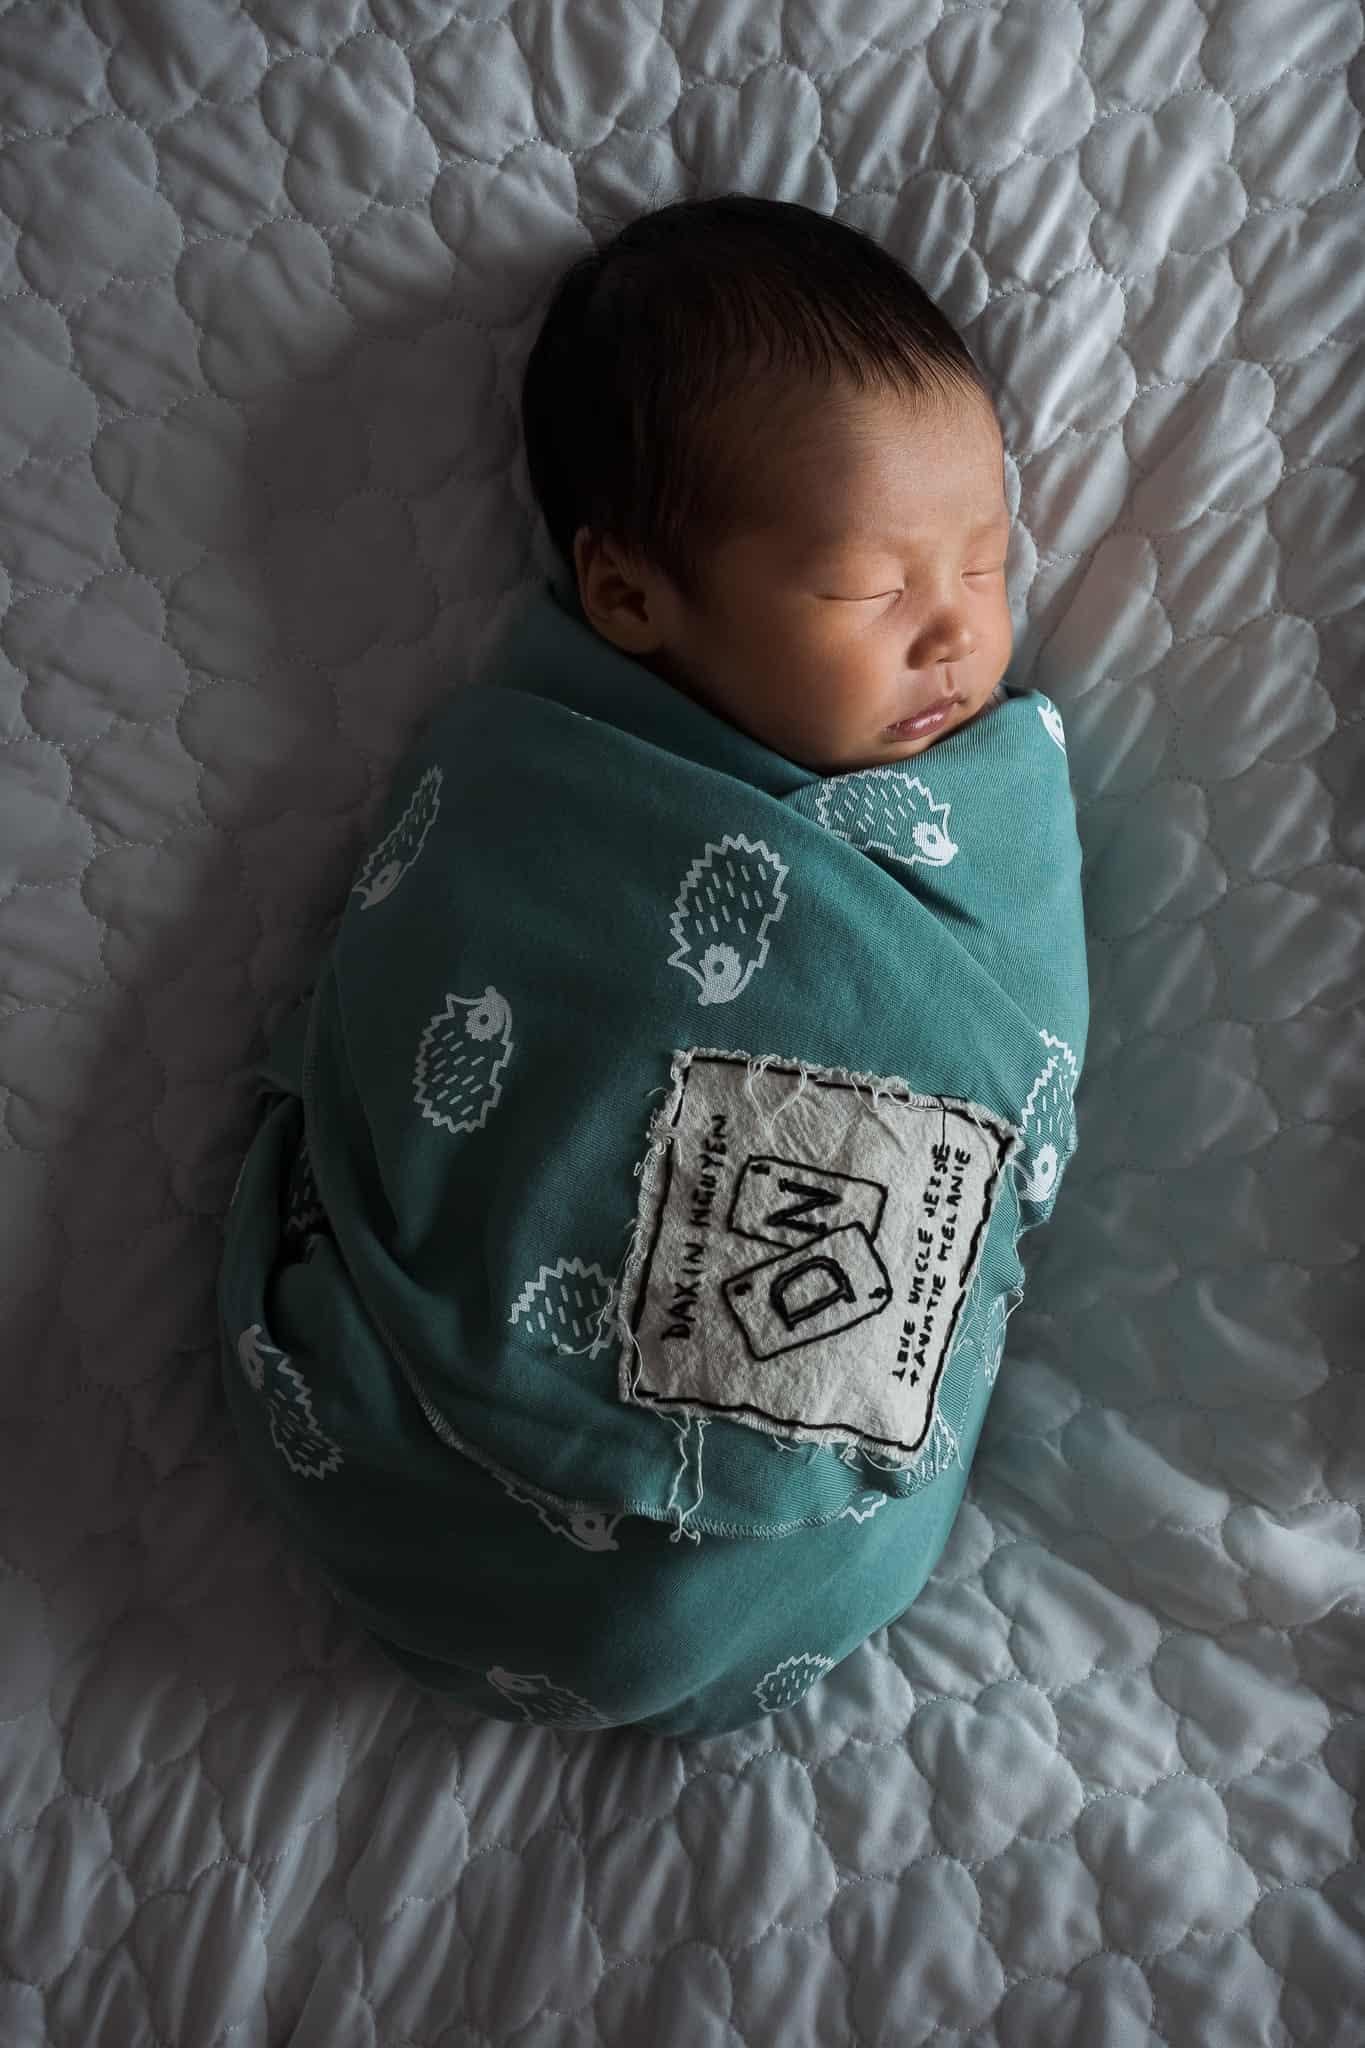 newborn baby swaddled turquoise wrap